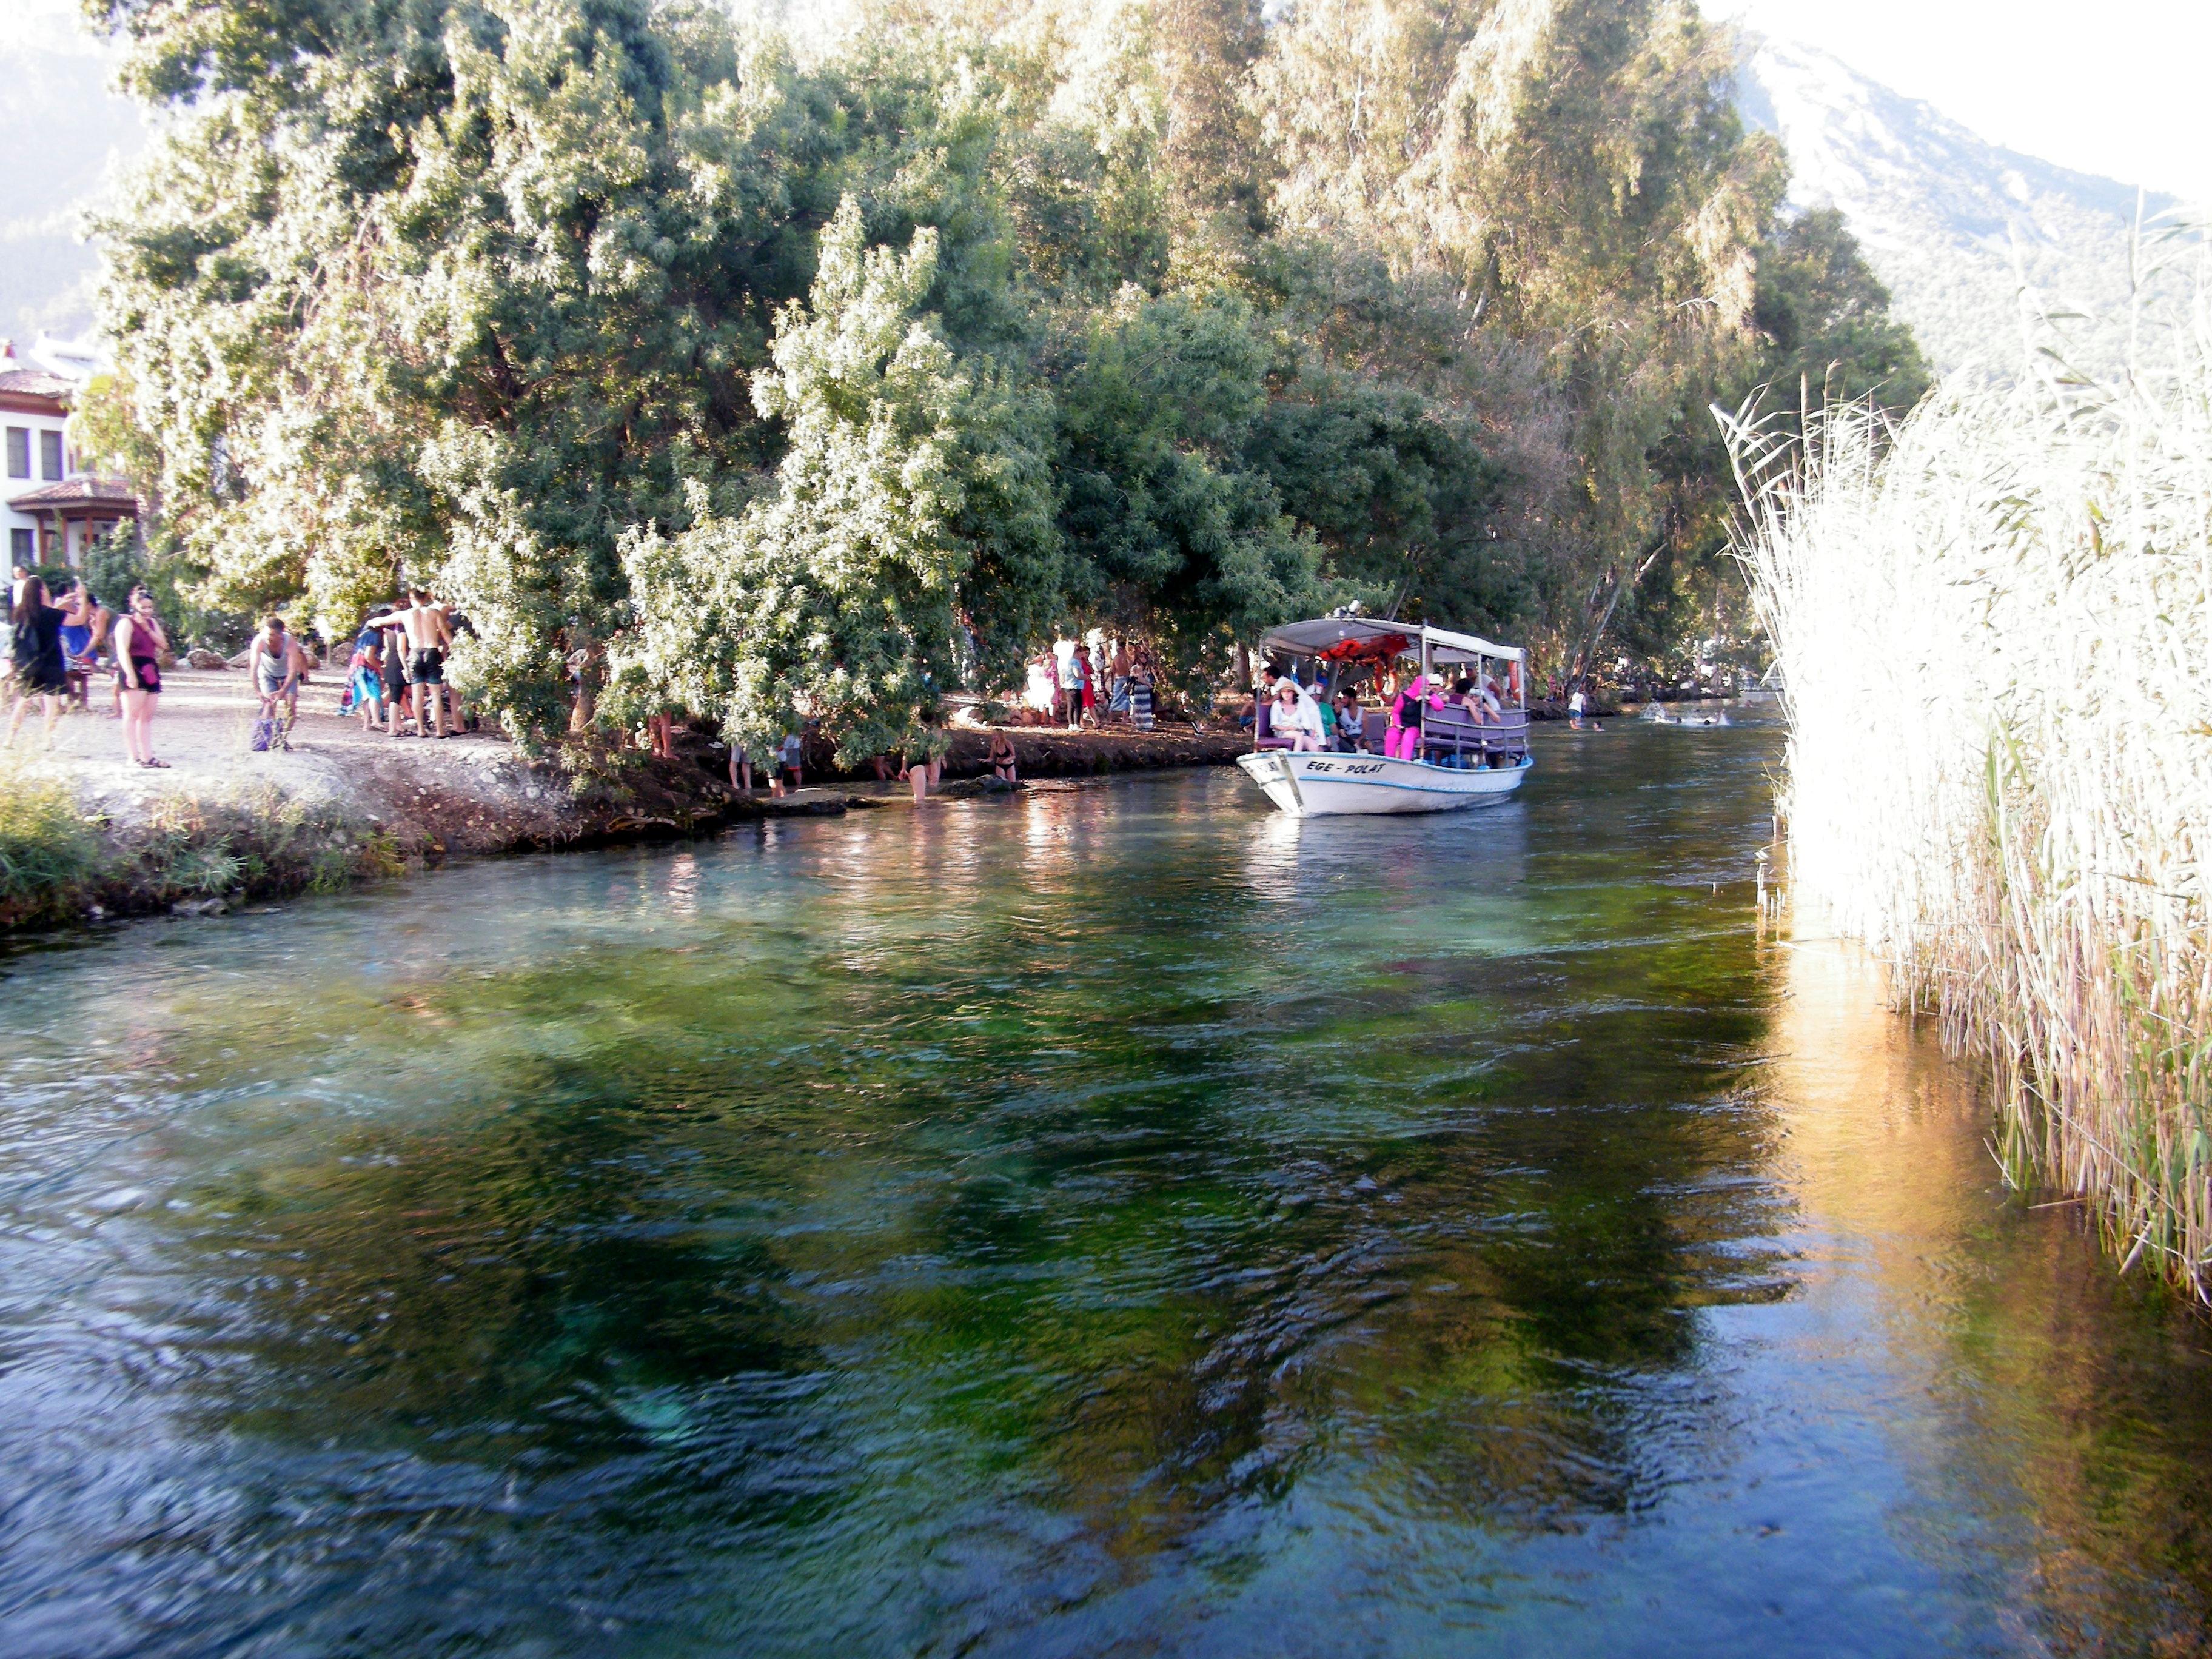 Un paseo en barco por las aguas de Akyaka en el Egeo turco /J.M Akyaka (Egeo turco).